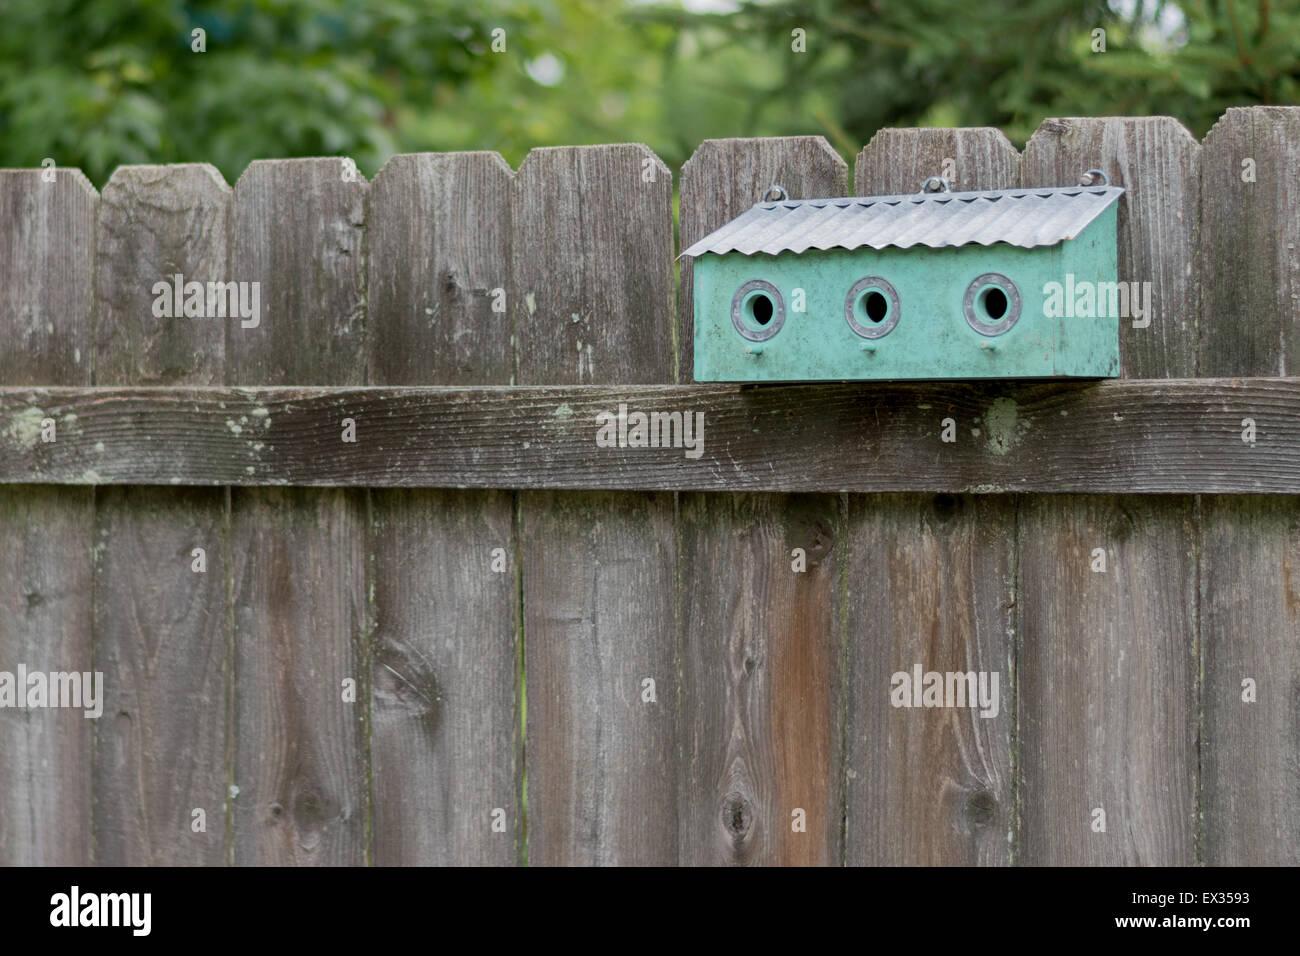 Turquoise Three Hole Birdhouse on Fence - Stock Image